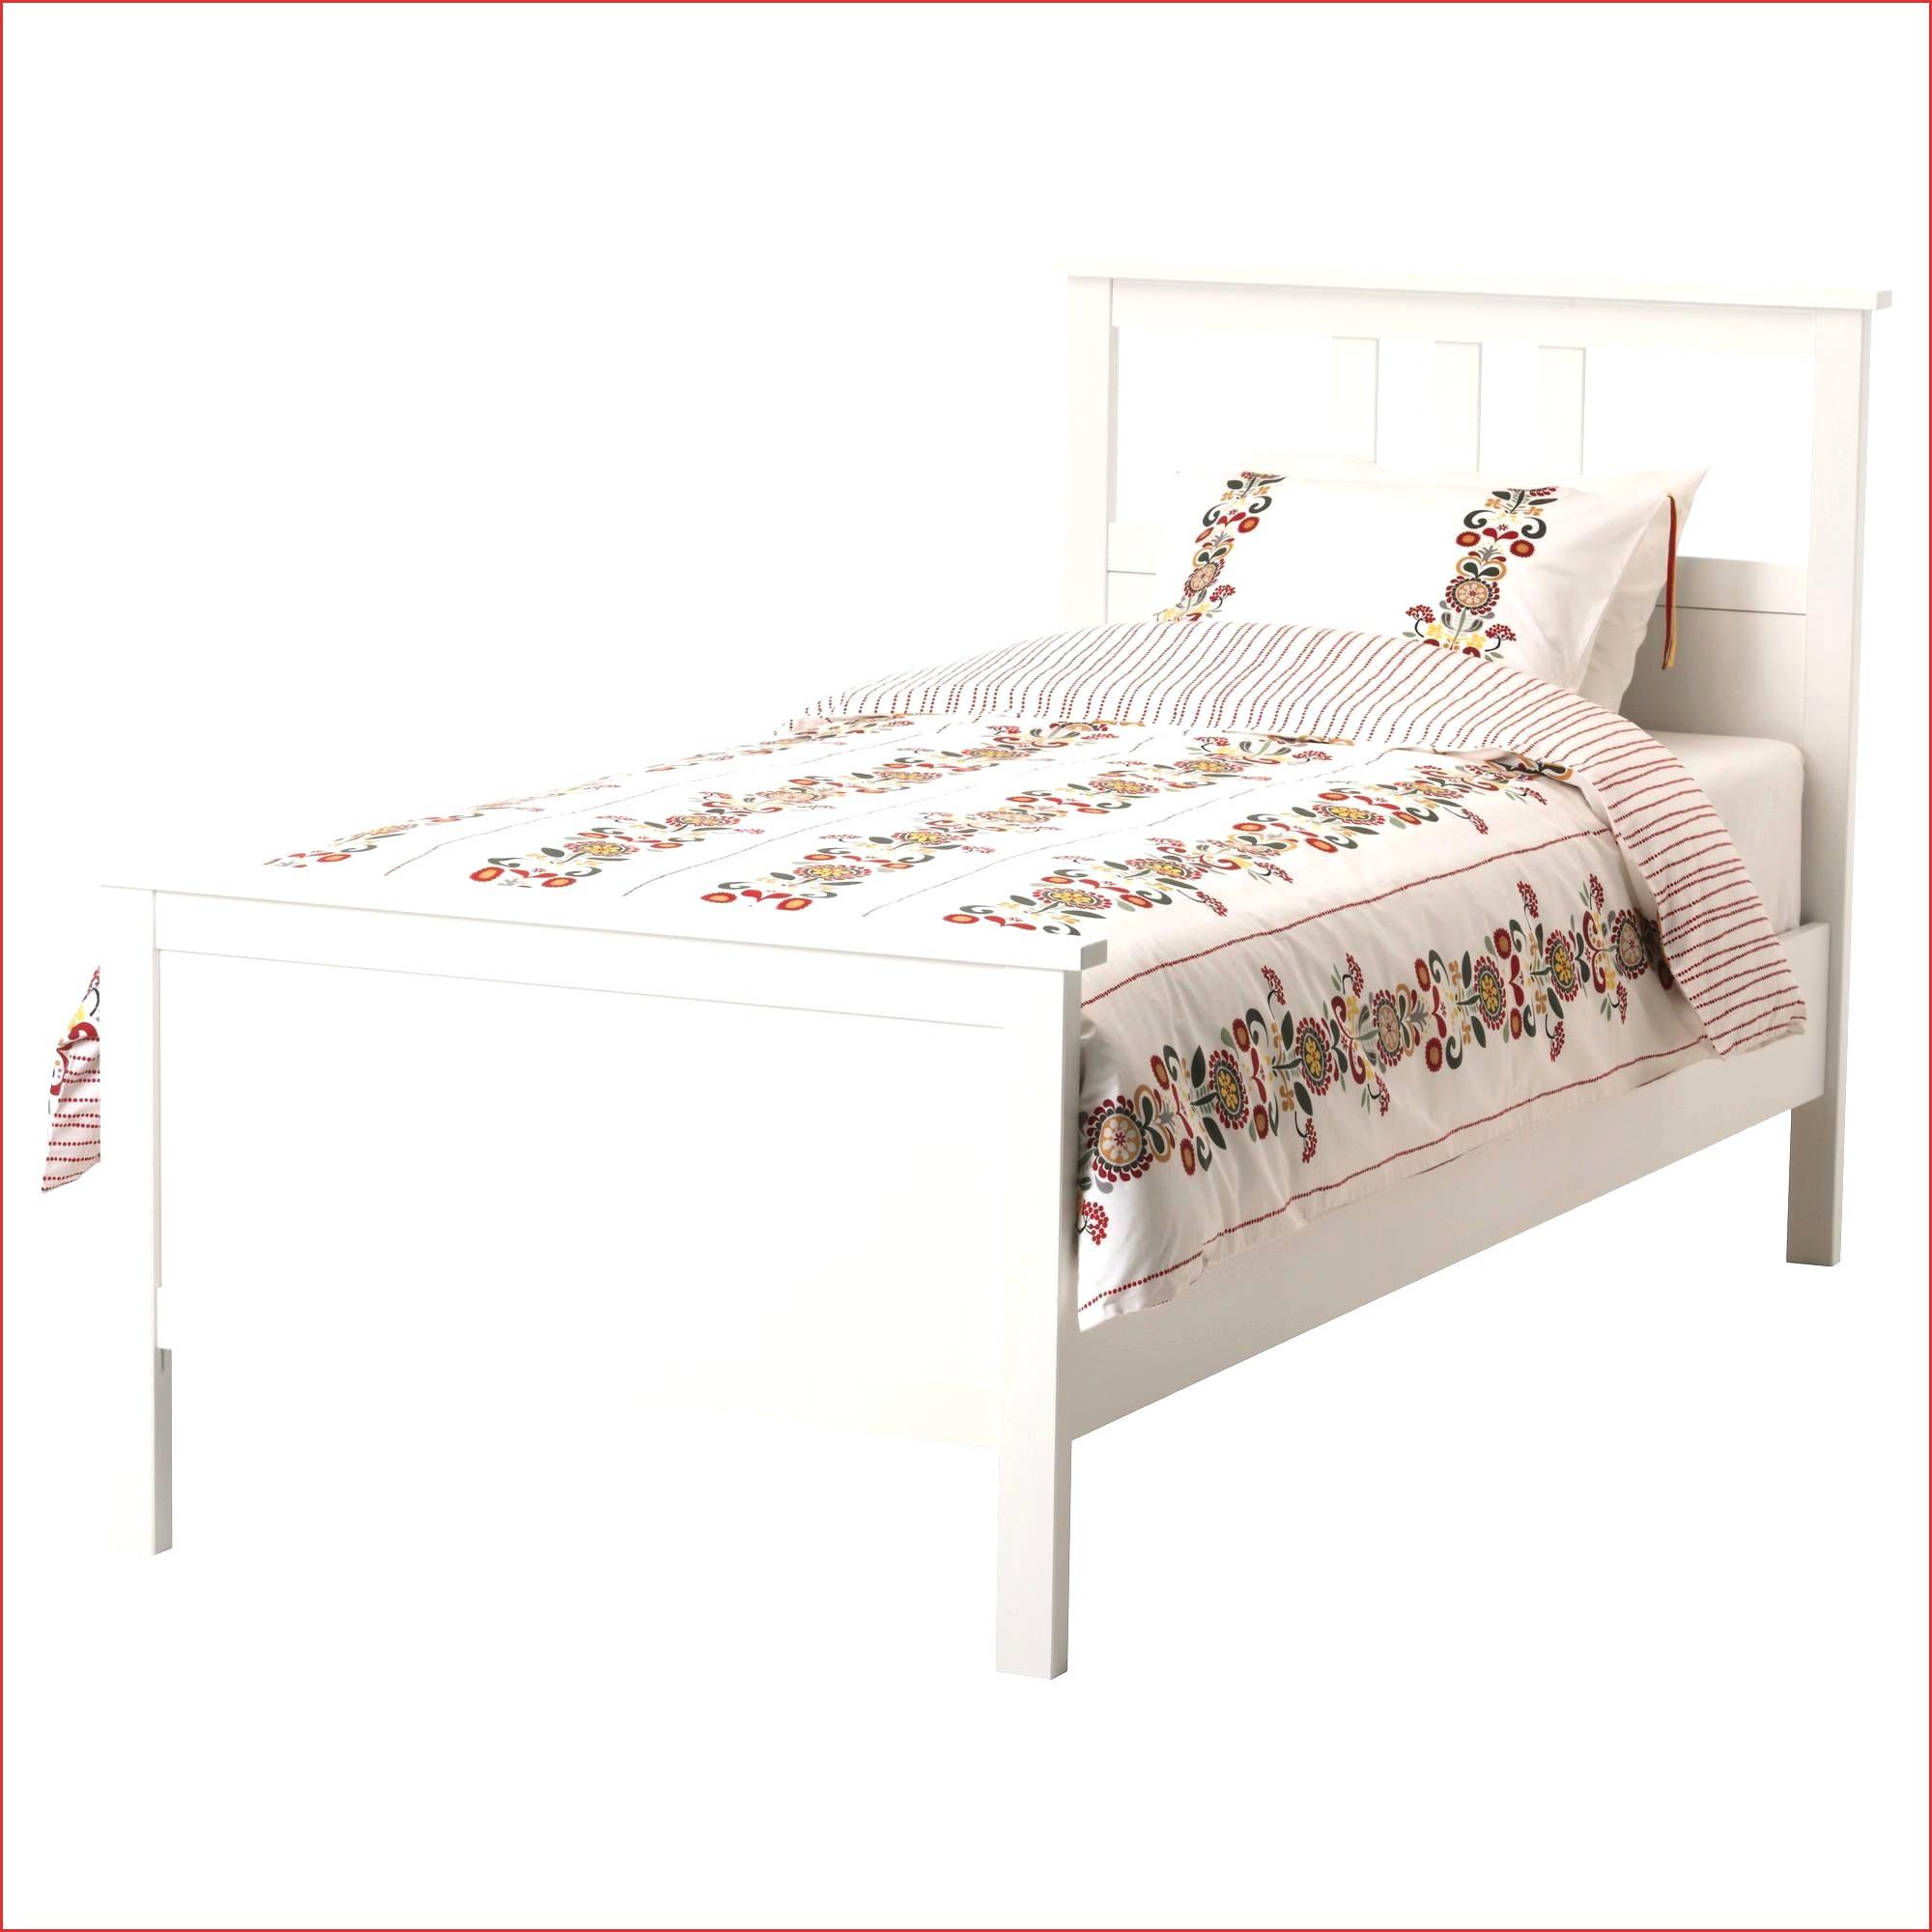 Full Size of Weißes Bett 140x200 42 E0 Ikea Wei 90x200 Fhrung Baza Barock Weiß 100x200 Breit Flexa Altes Schlicht Lattenrost Günstig Ausgefallene Betten Französische Bett Weißes Bett 140x200